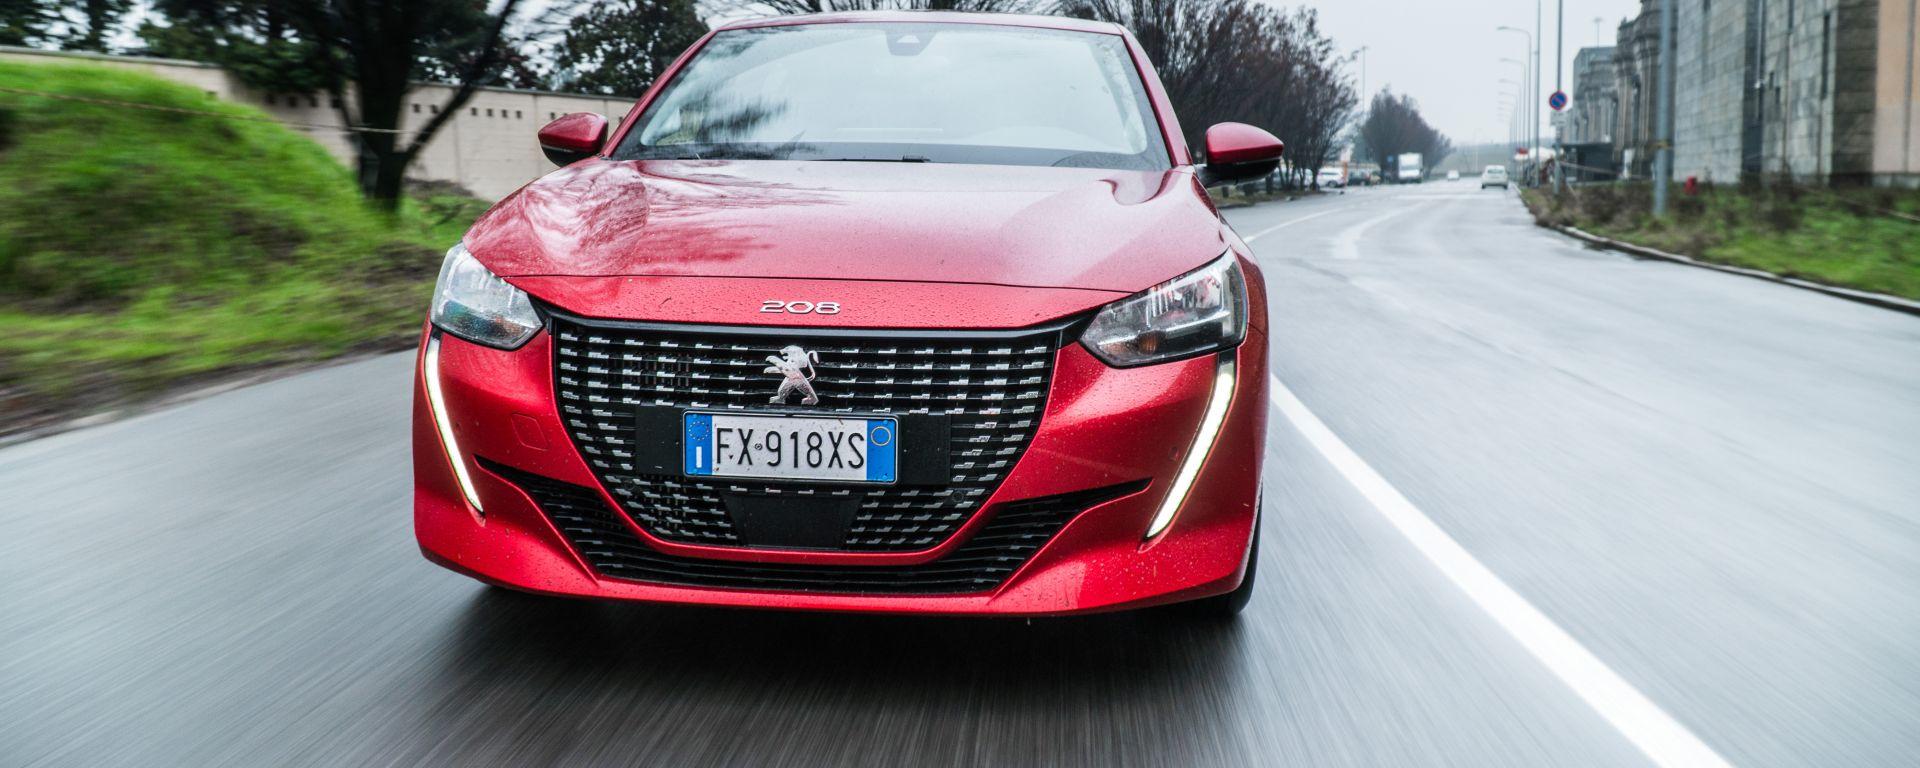 Al volante della Peugeot 208 2019